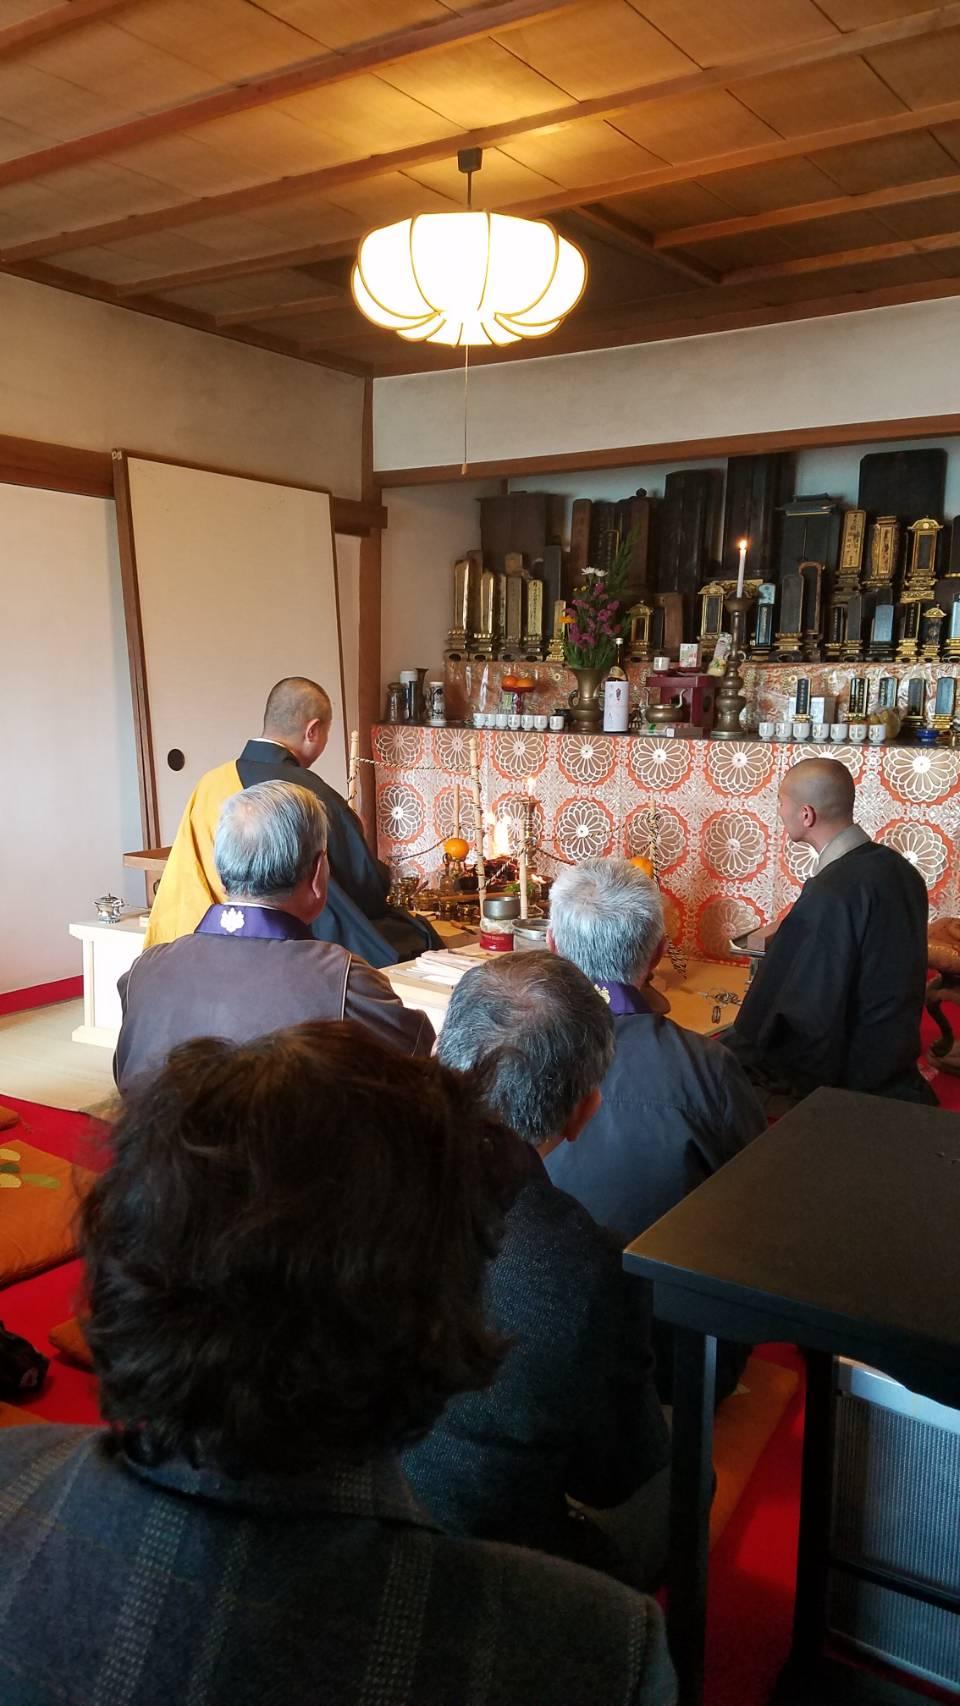 2019/3/15淡路市柳沢の本福寺での大日講の春の護摩祈願の法要です。